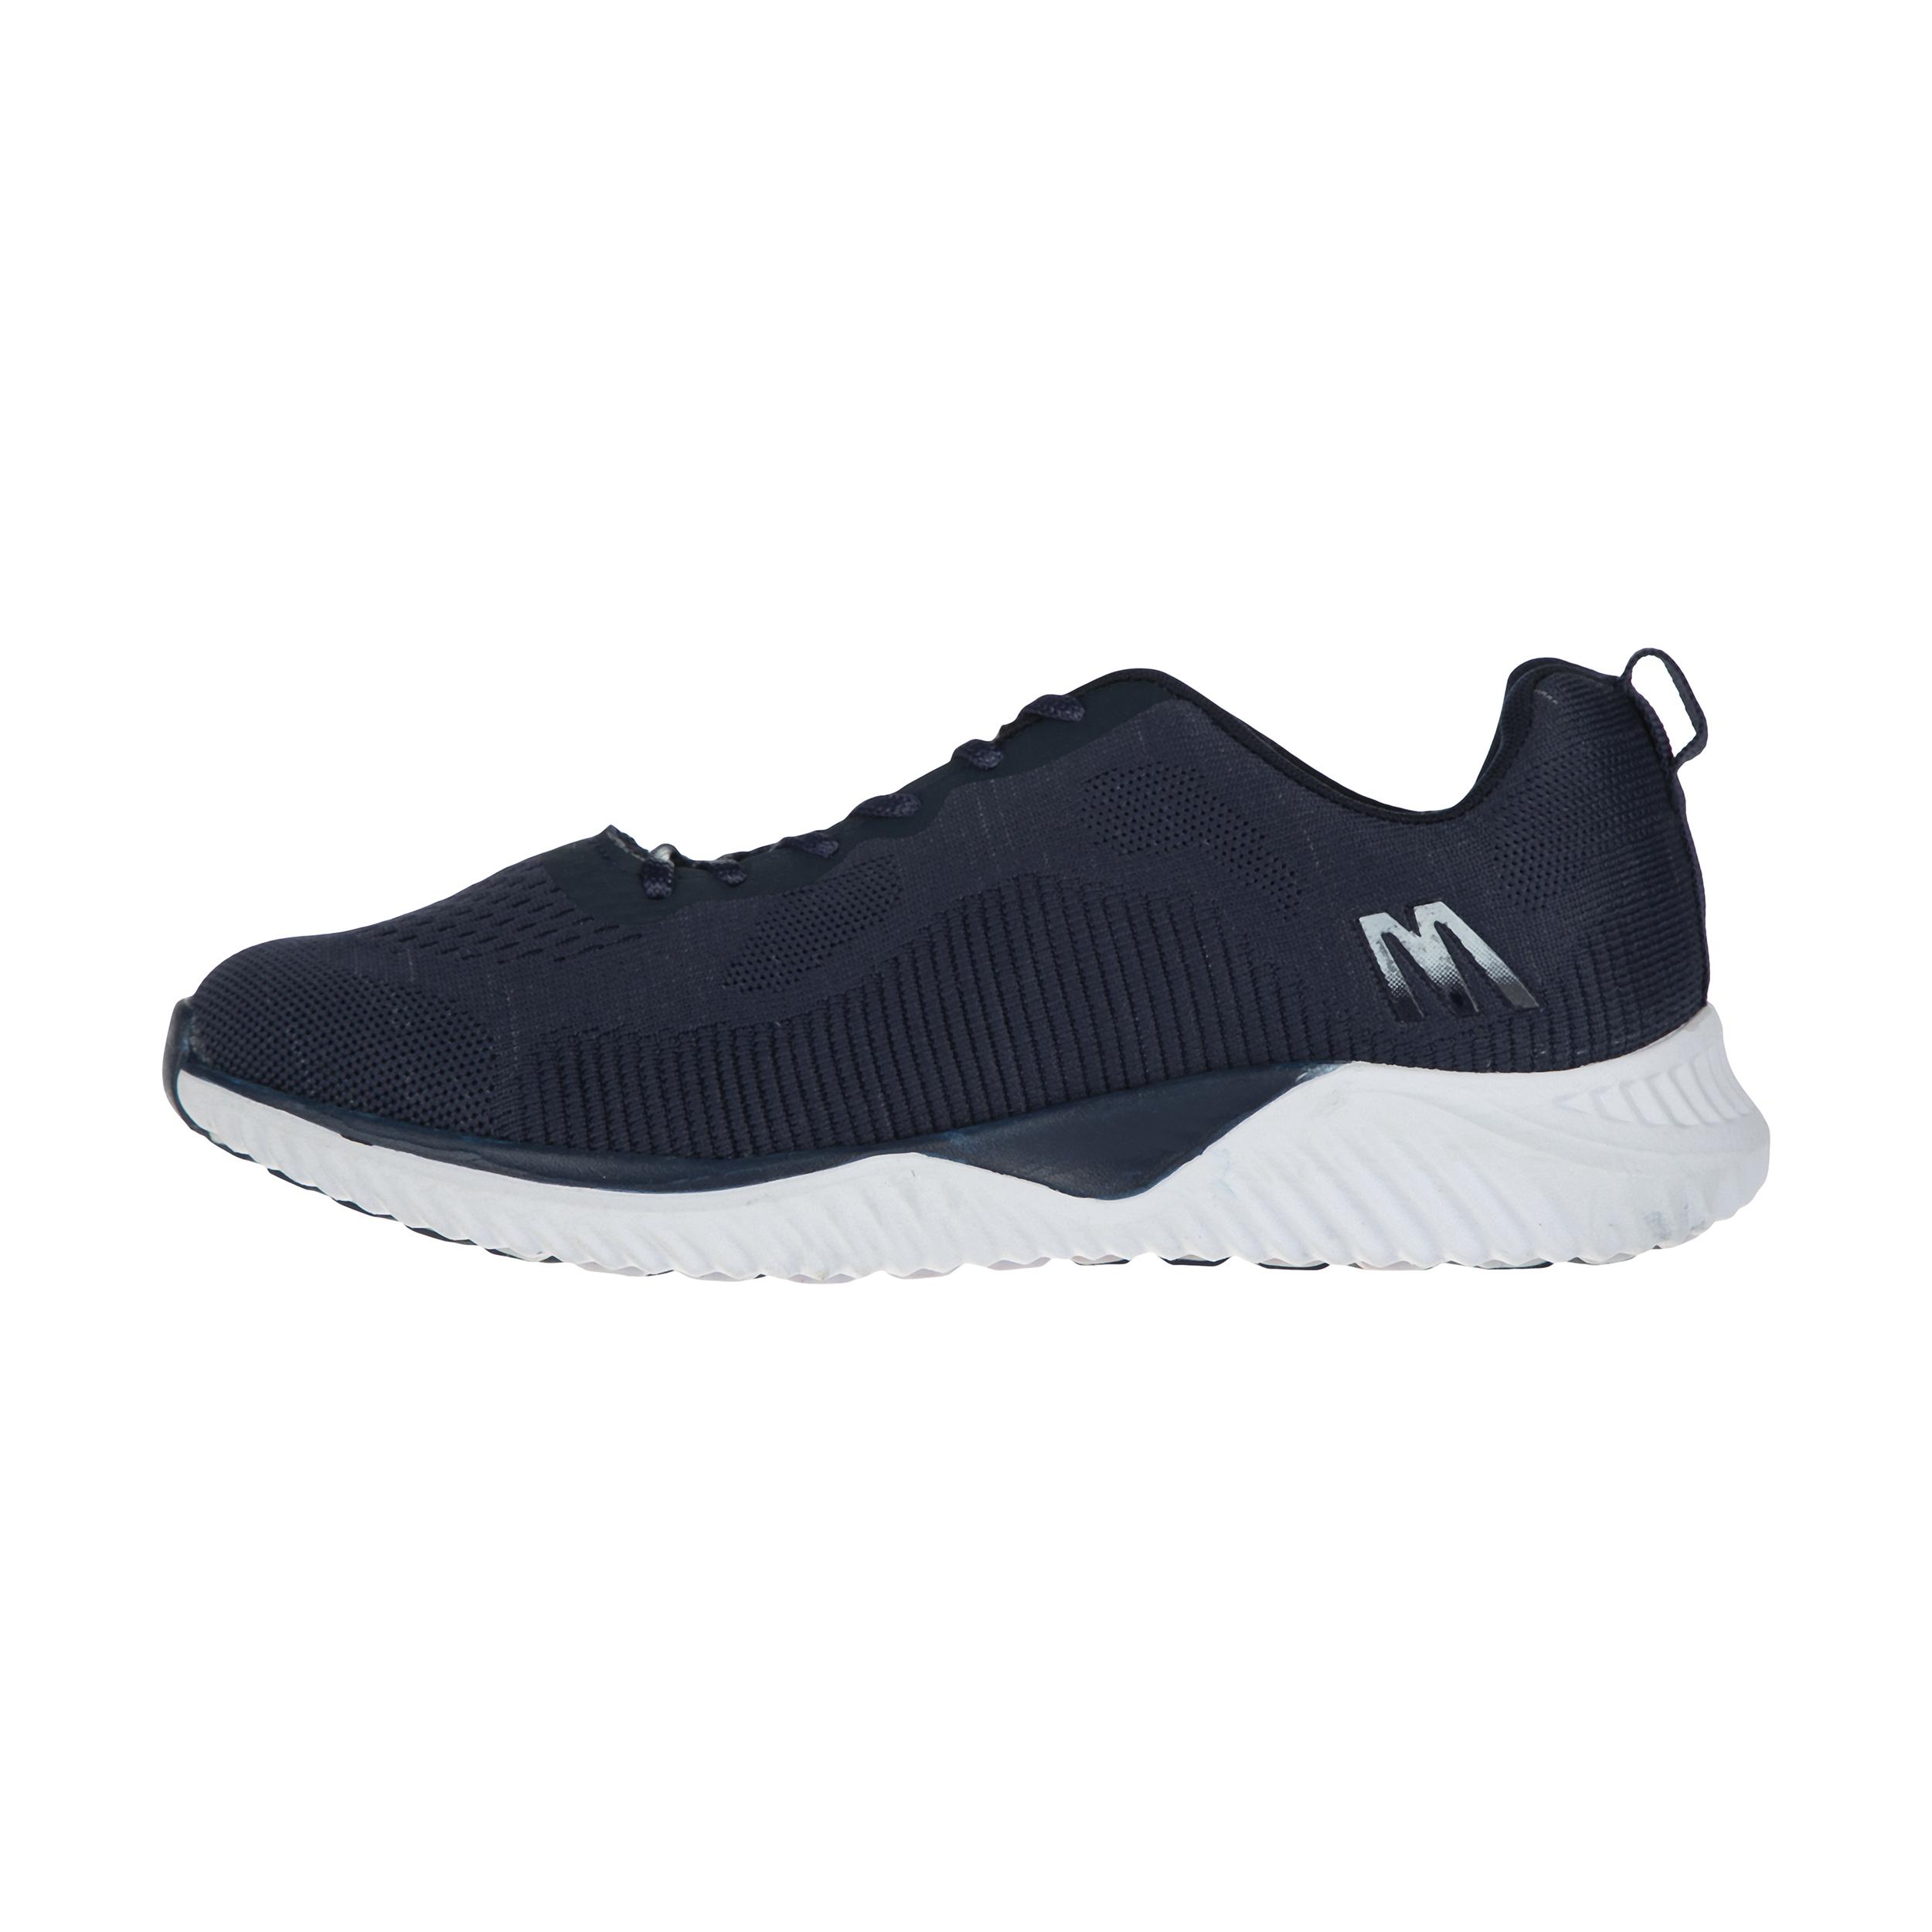 قیمت خرید کفش ورزشی مردانه مل اند موژ مدل M127-400-2 اورجینال